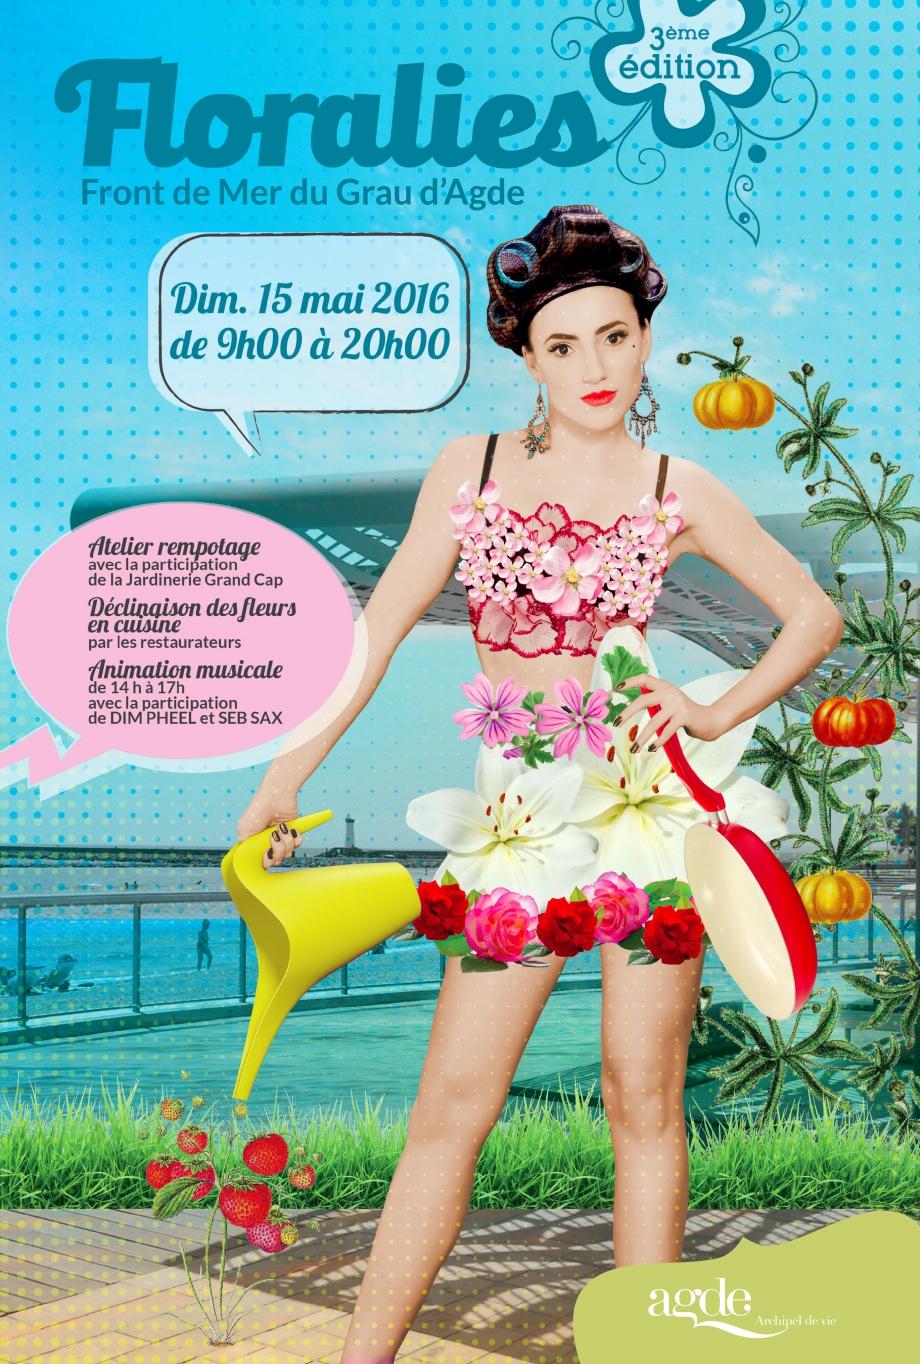 120x176 Floralies 2016 OK.jpg